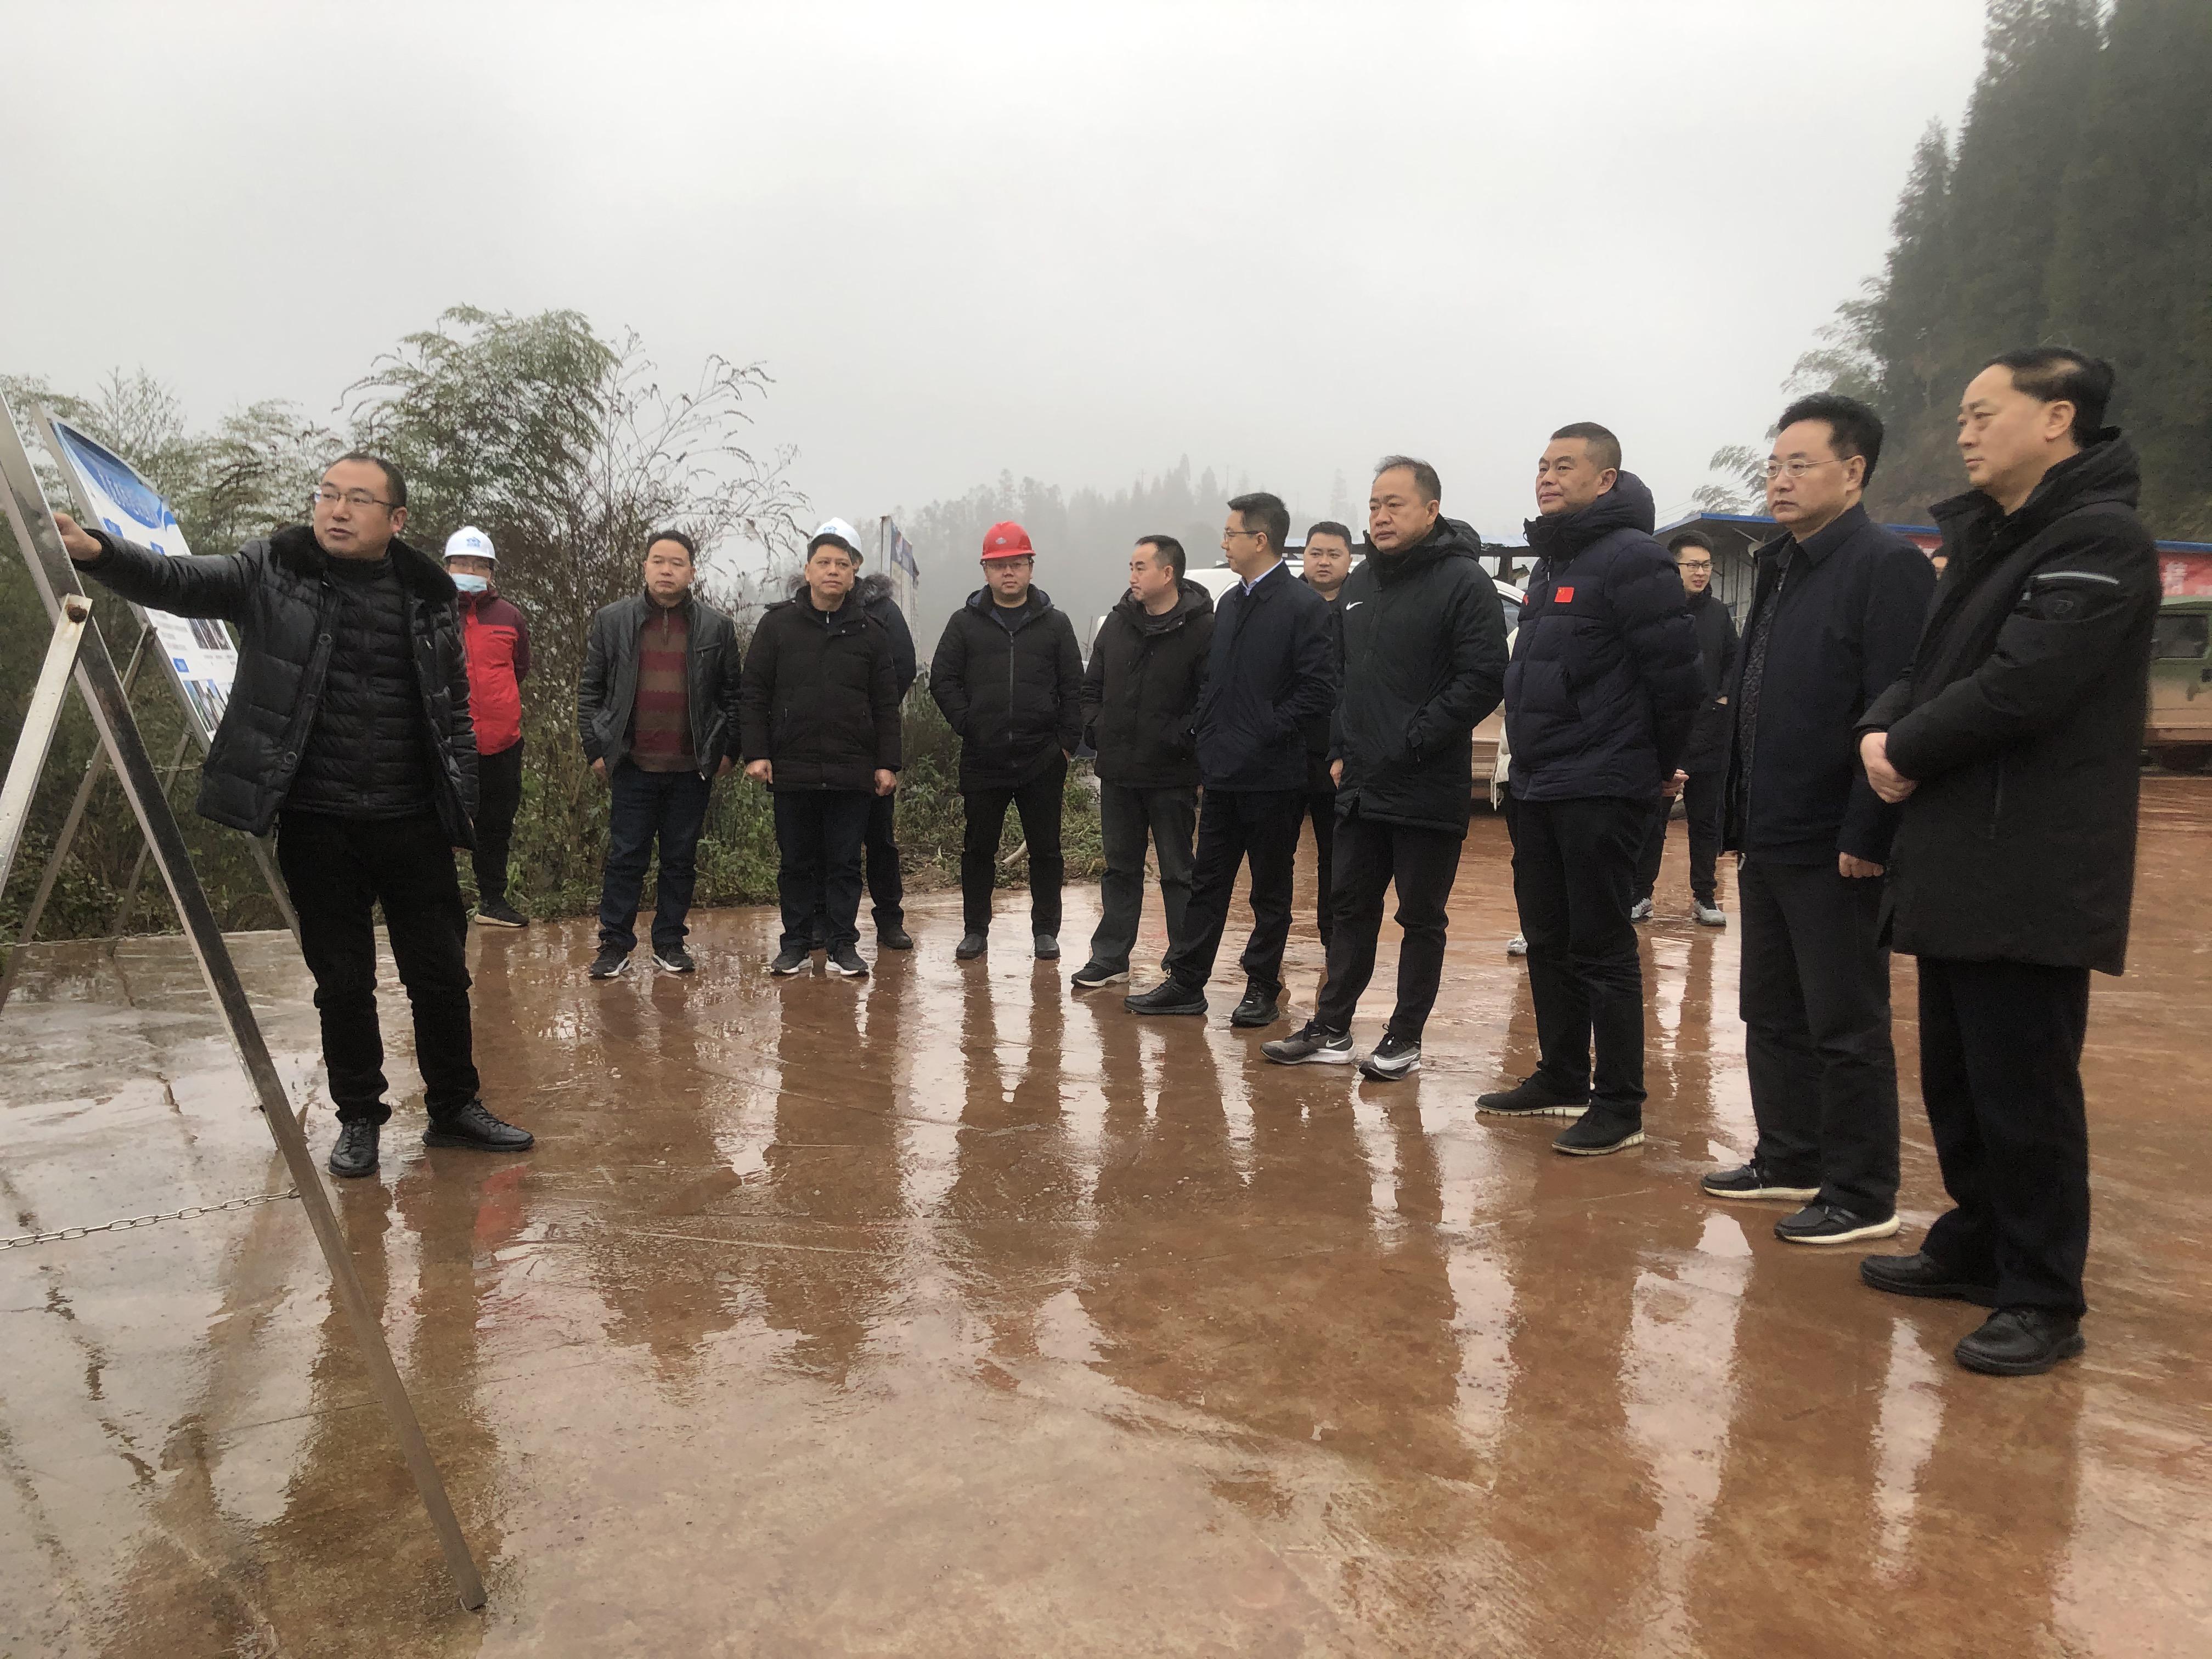 市委副书记白云、副市长王双全一行 赴雨城区调研九龙水库试蓄水和试供水情况